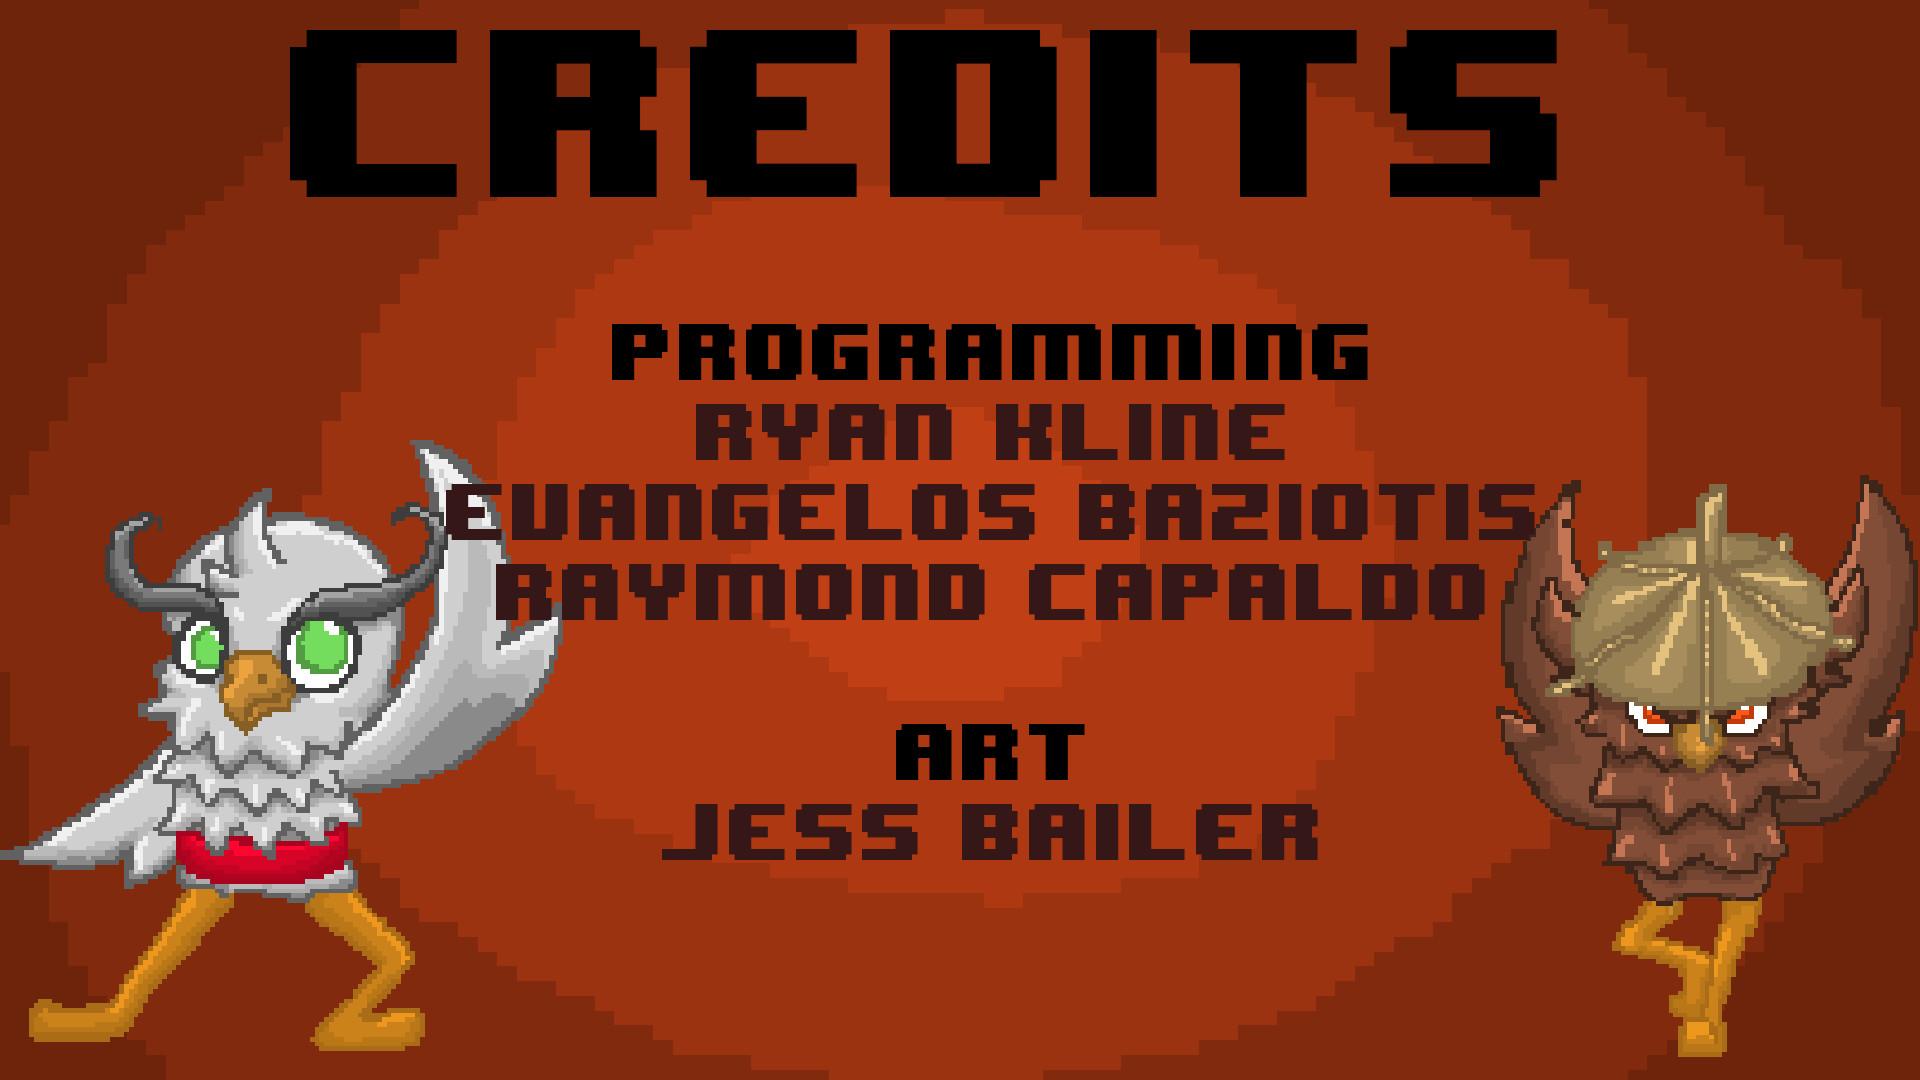 Jessica bailer credits